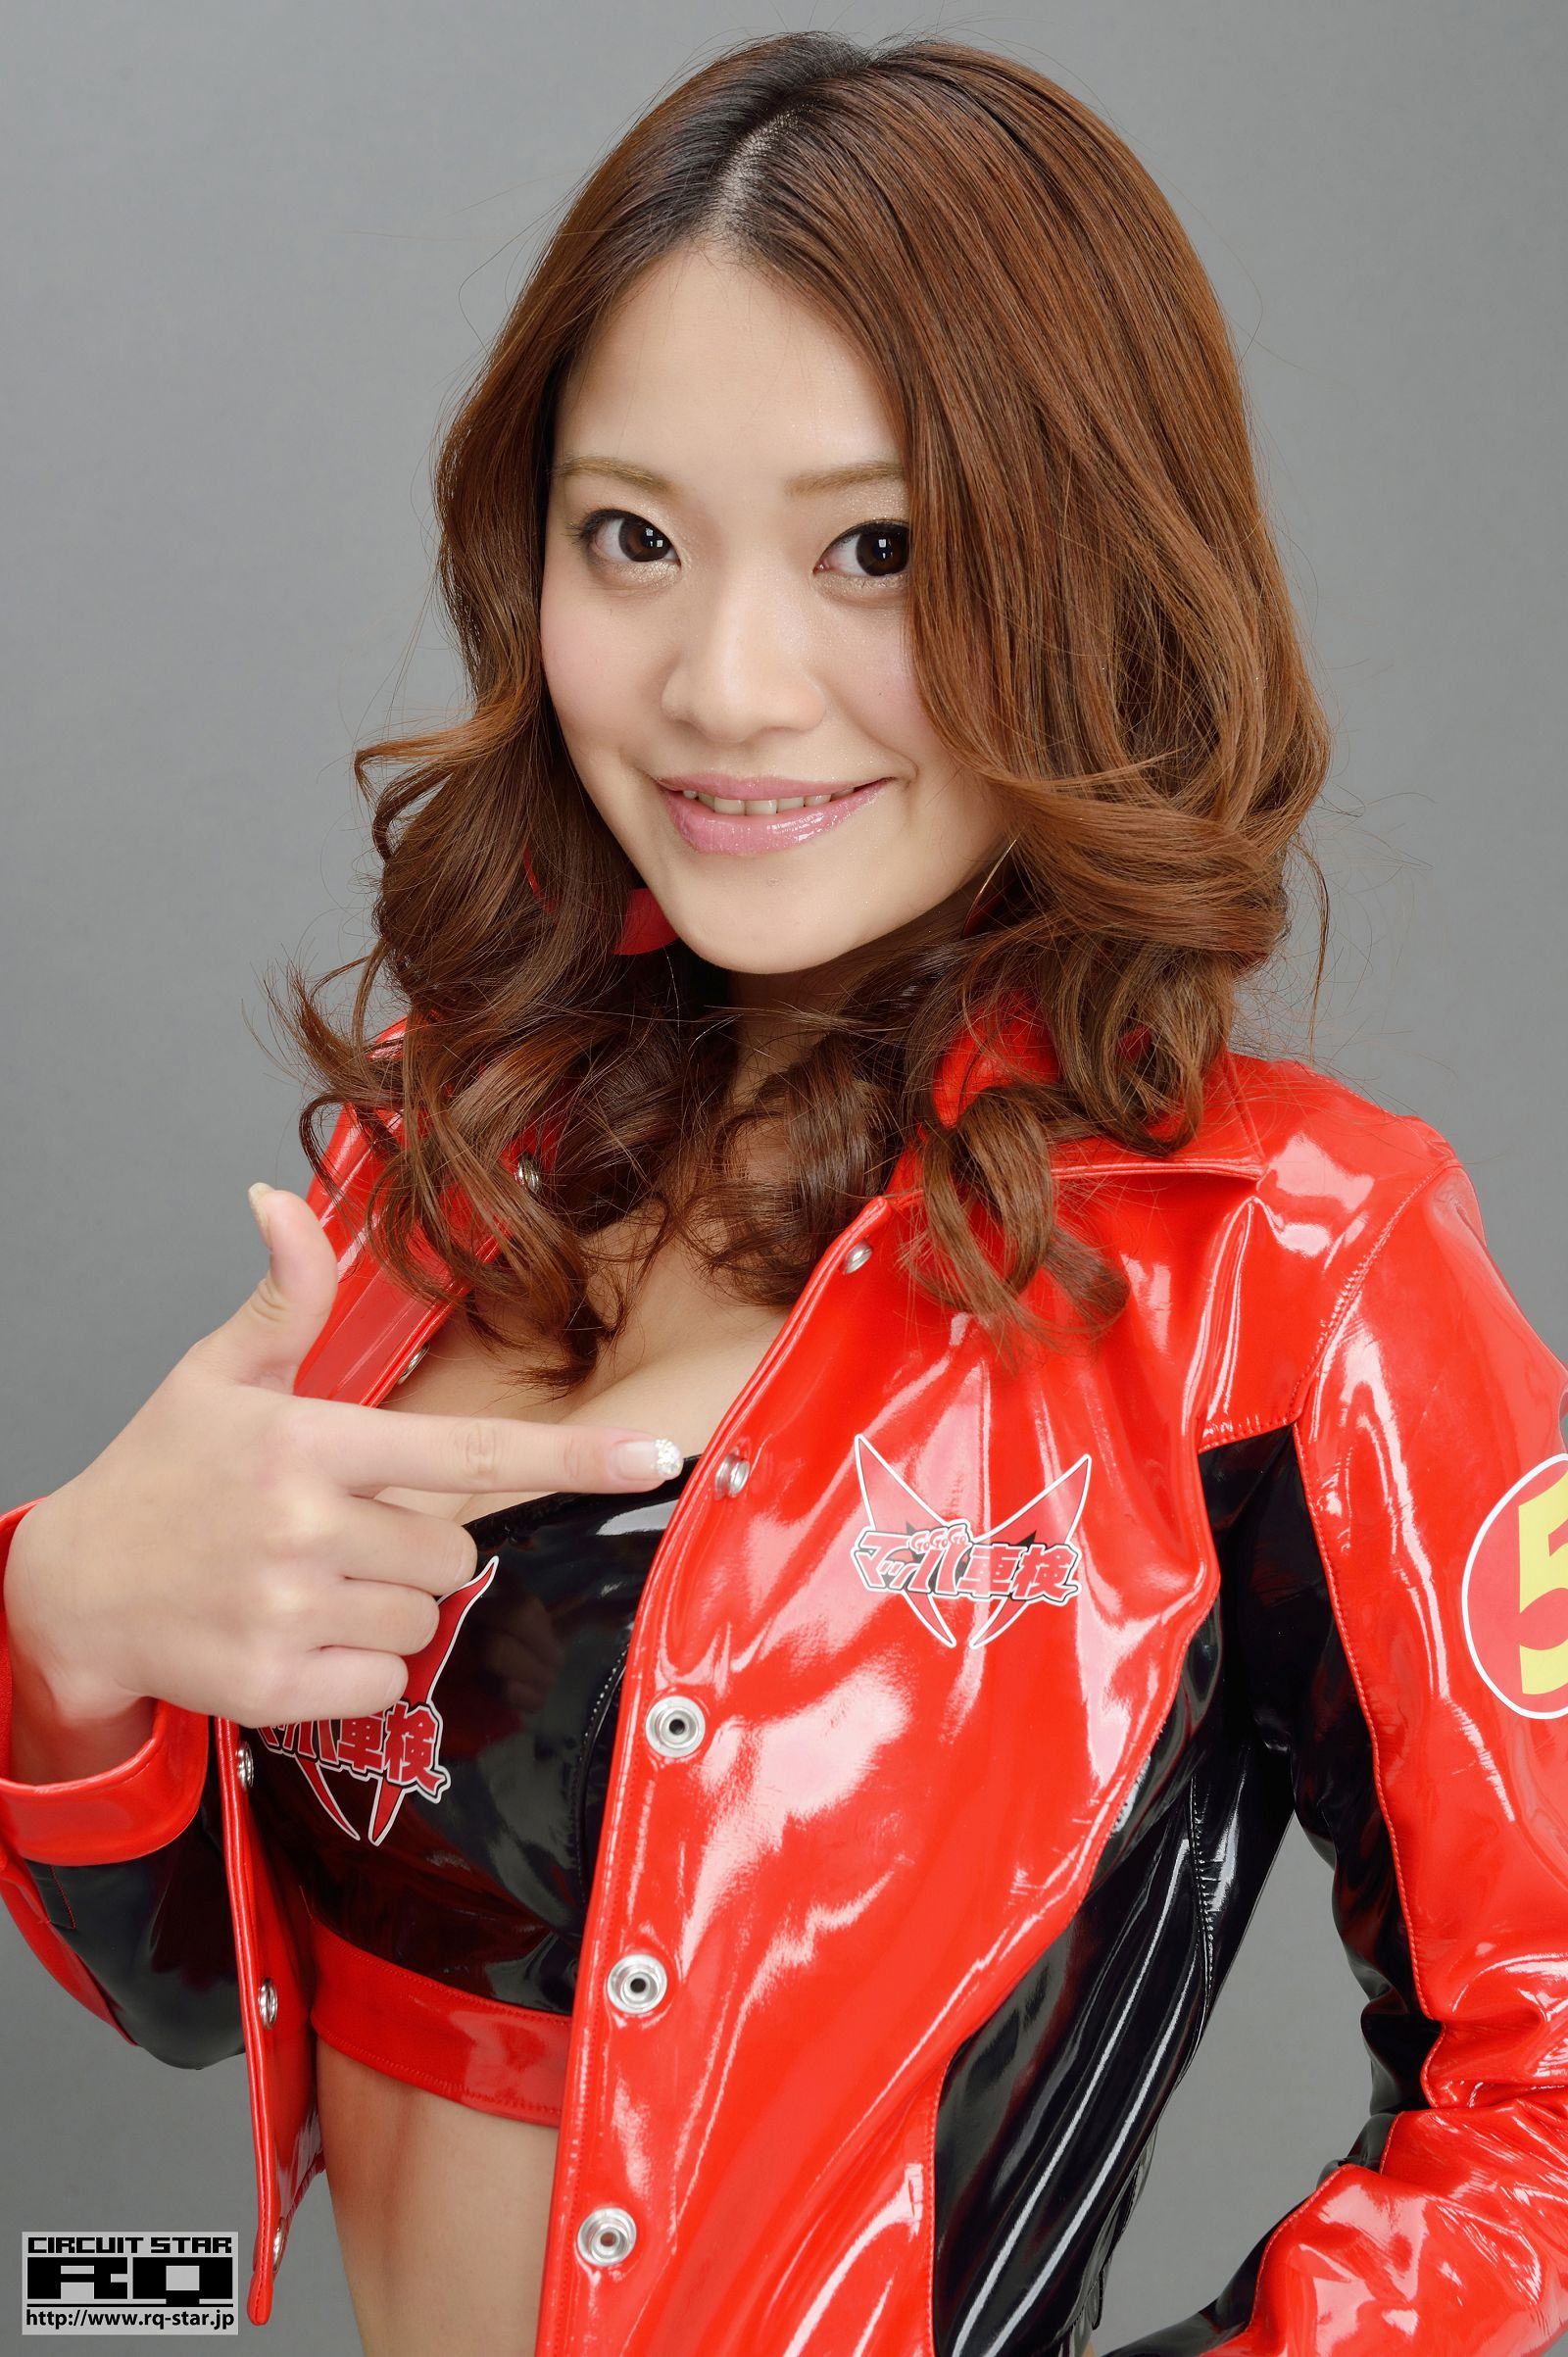 [RQ STAR美女] NO.00889 Mai Nishimura 西村麻依 Race Queen[100P] RQ STAR 第4张